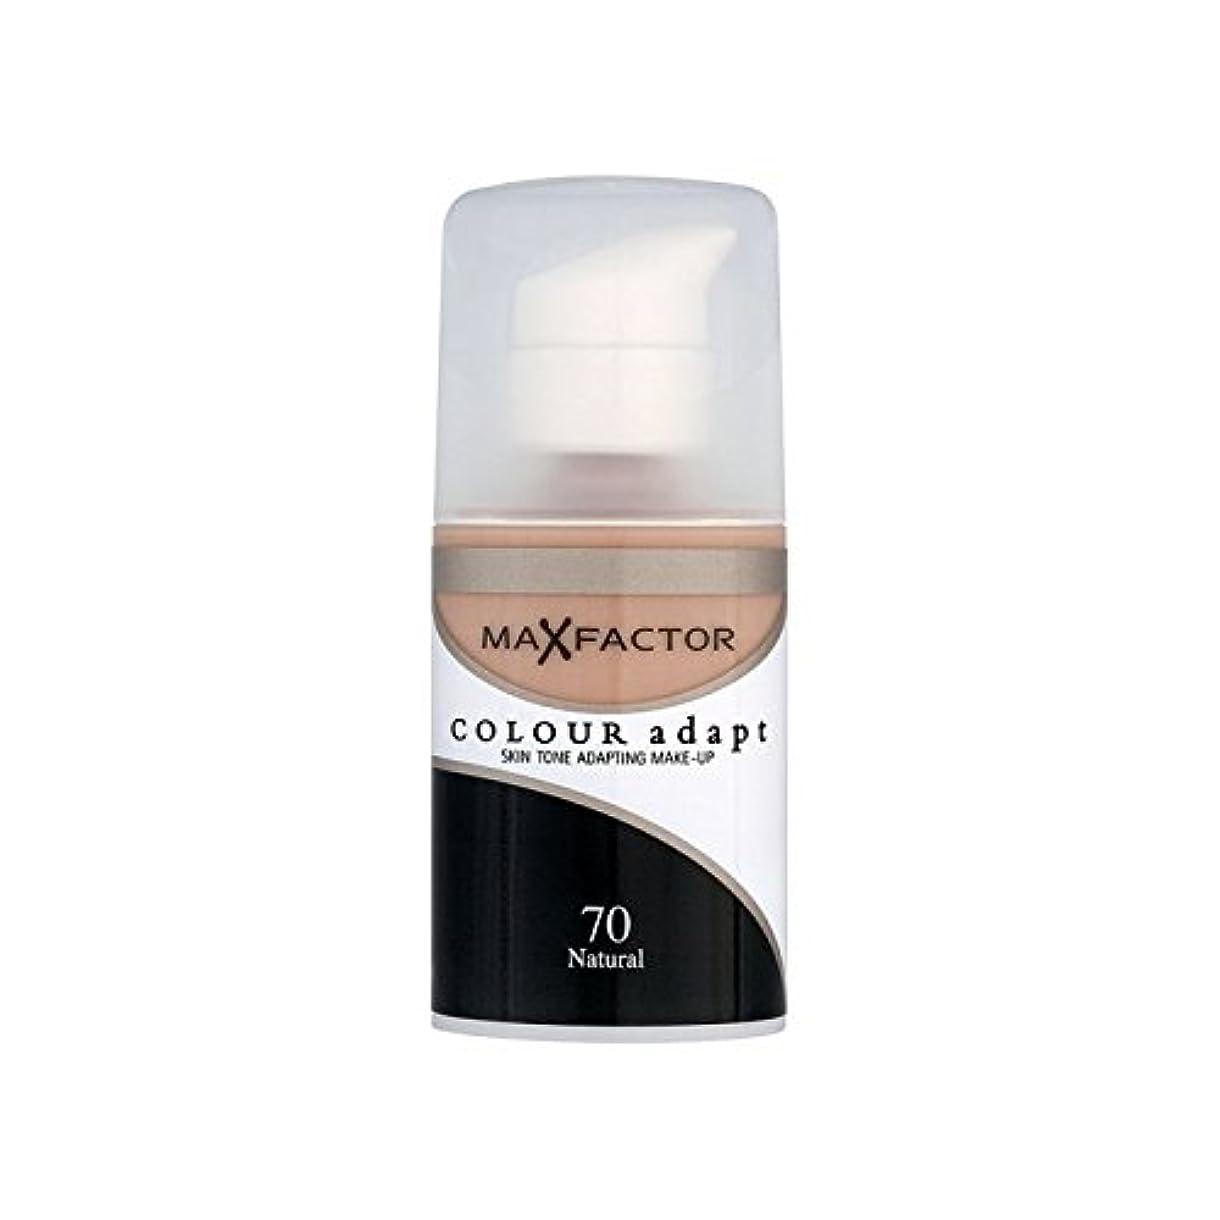 ピーク雄弁家エクステントMax Factor Colour Adapt Foundation Natural 70 (Pack of 6) - マックスファクターの色は、基礎自然70を適応させます x6 [並行輸入品]